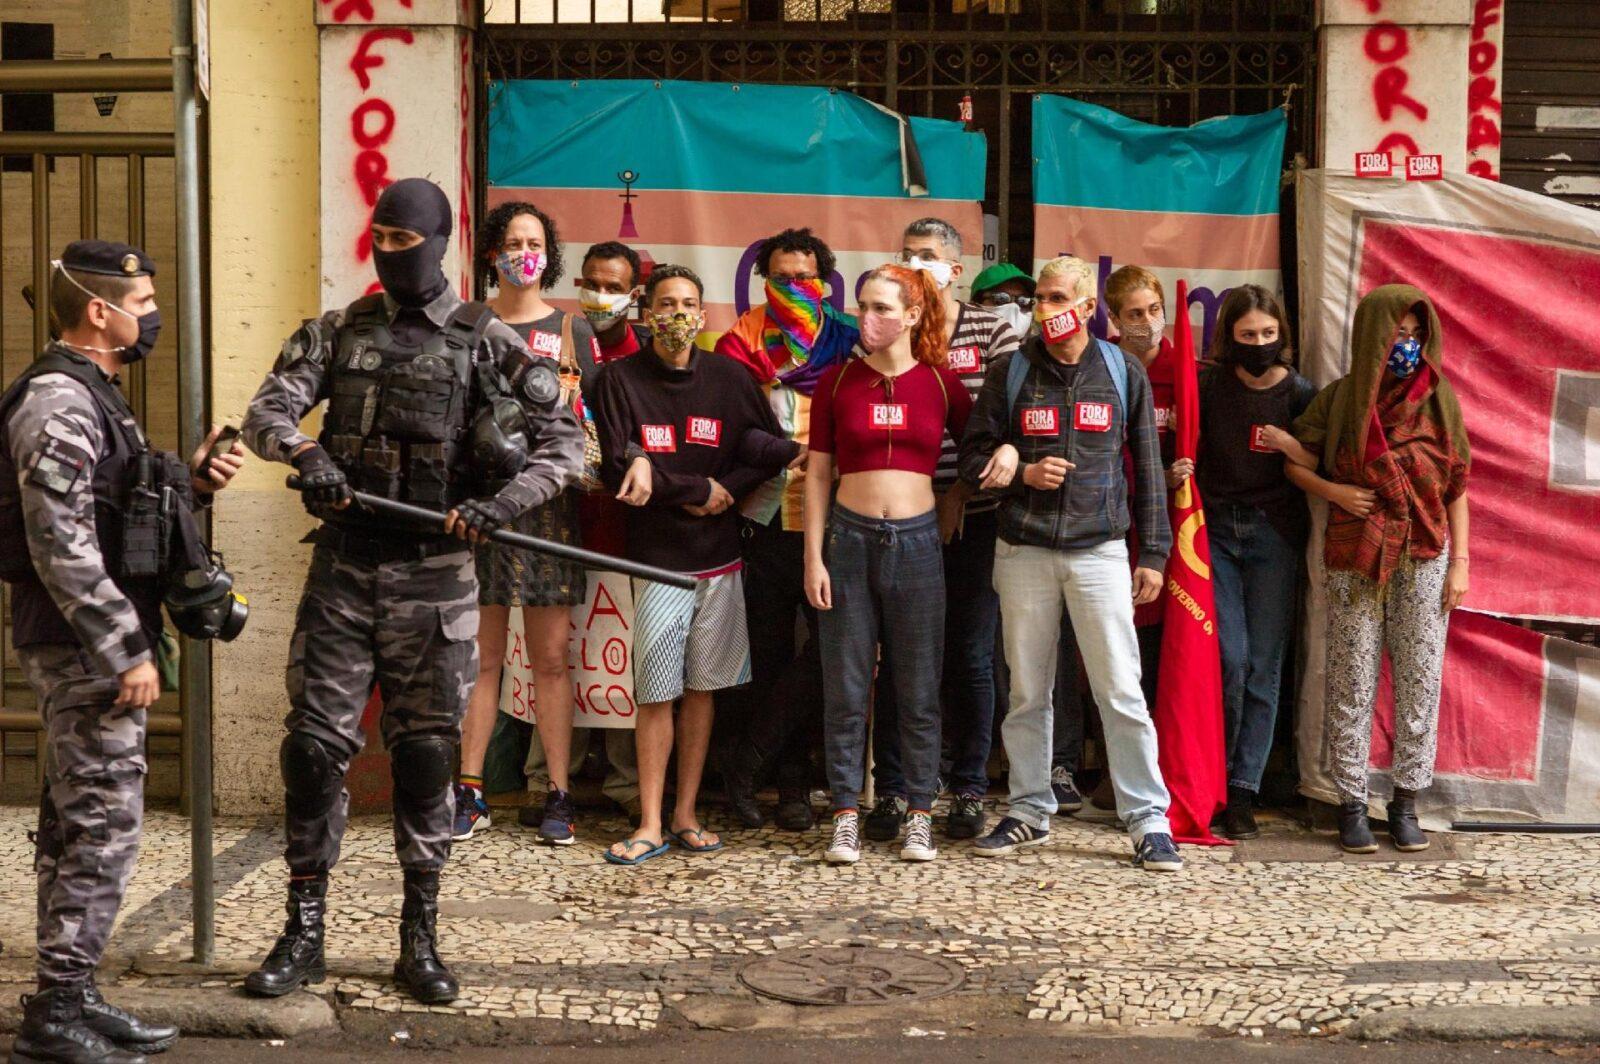 Justiça determinou hoje a reintegração de posse do prédio em Copacabana, no Rio de Janeiro, que abriga a Casa Nem. (Foto: DANIEL RESENDE/FUTURA PRESS/ESTADÃO CONTEÚDO)